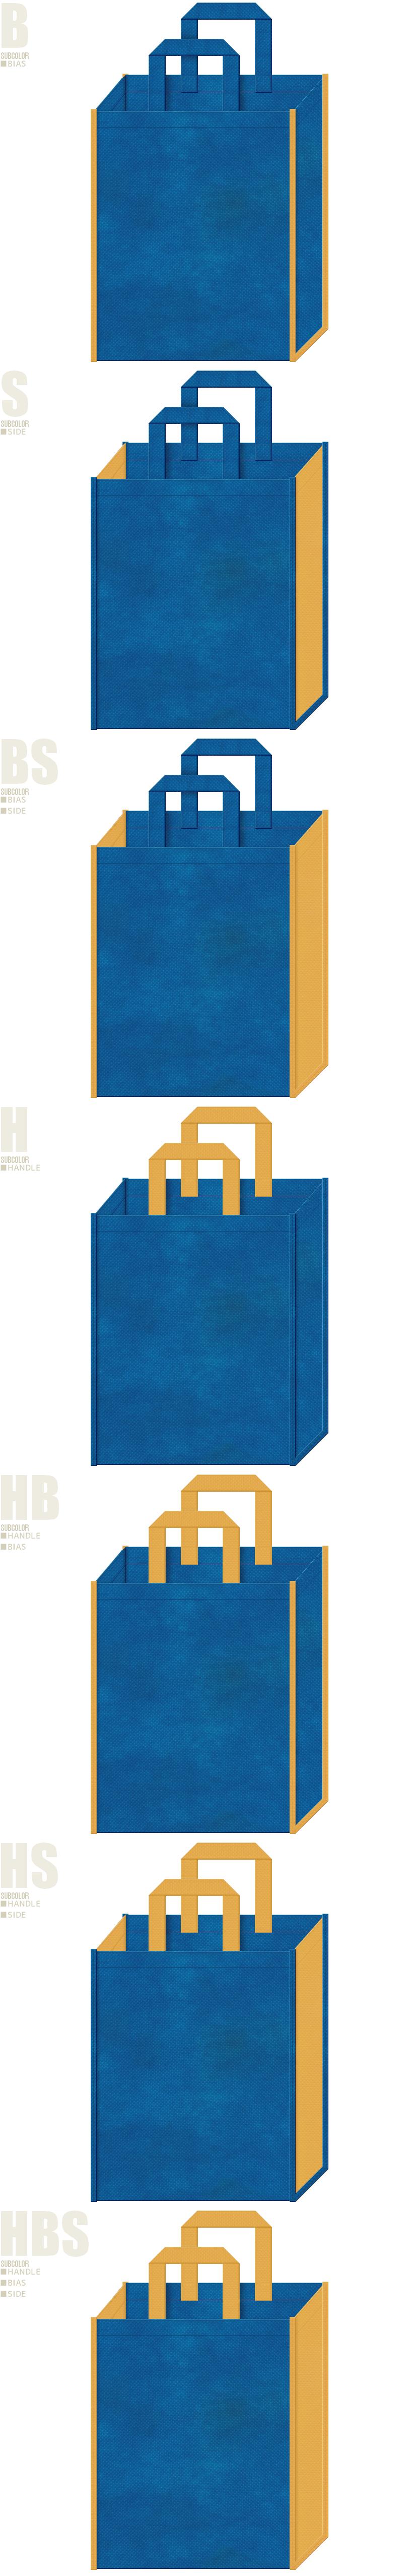 おとぎ話・テーマパーク・絵本の展示会用バッグにお奨めの不織布バッグデザイン:青色と黄土色の不織布バッグ配色7パターン